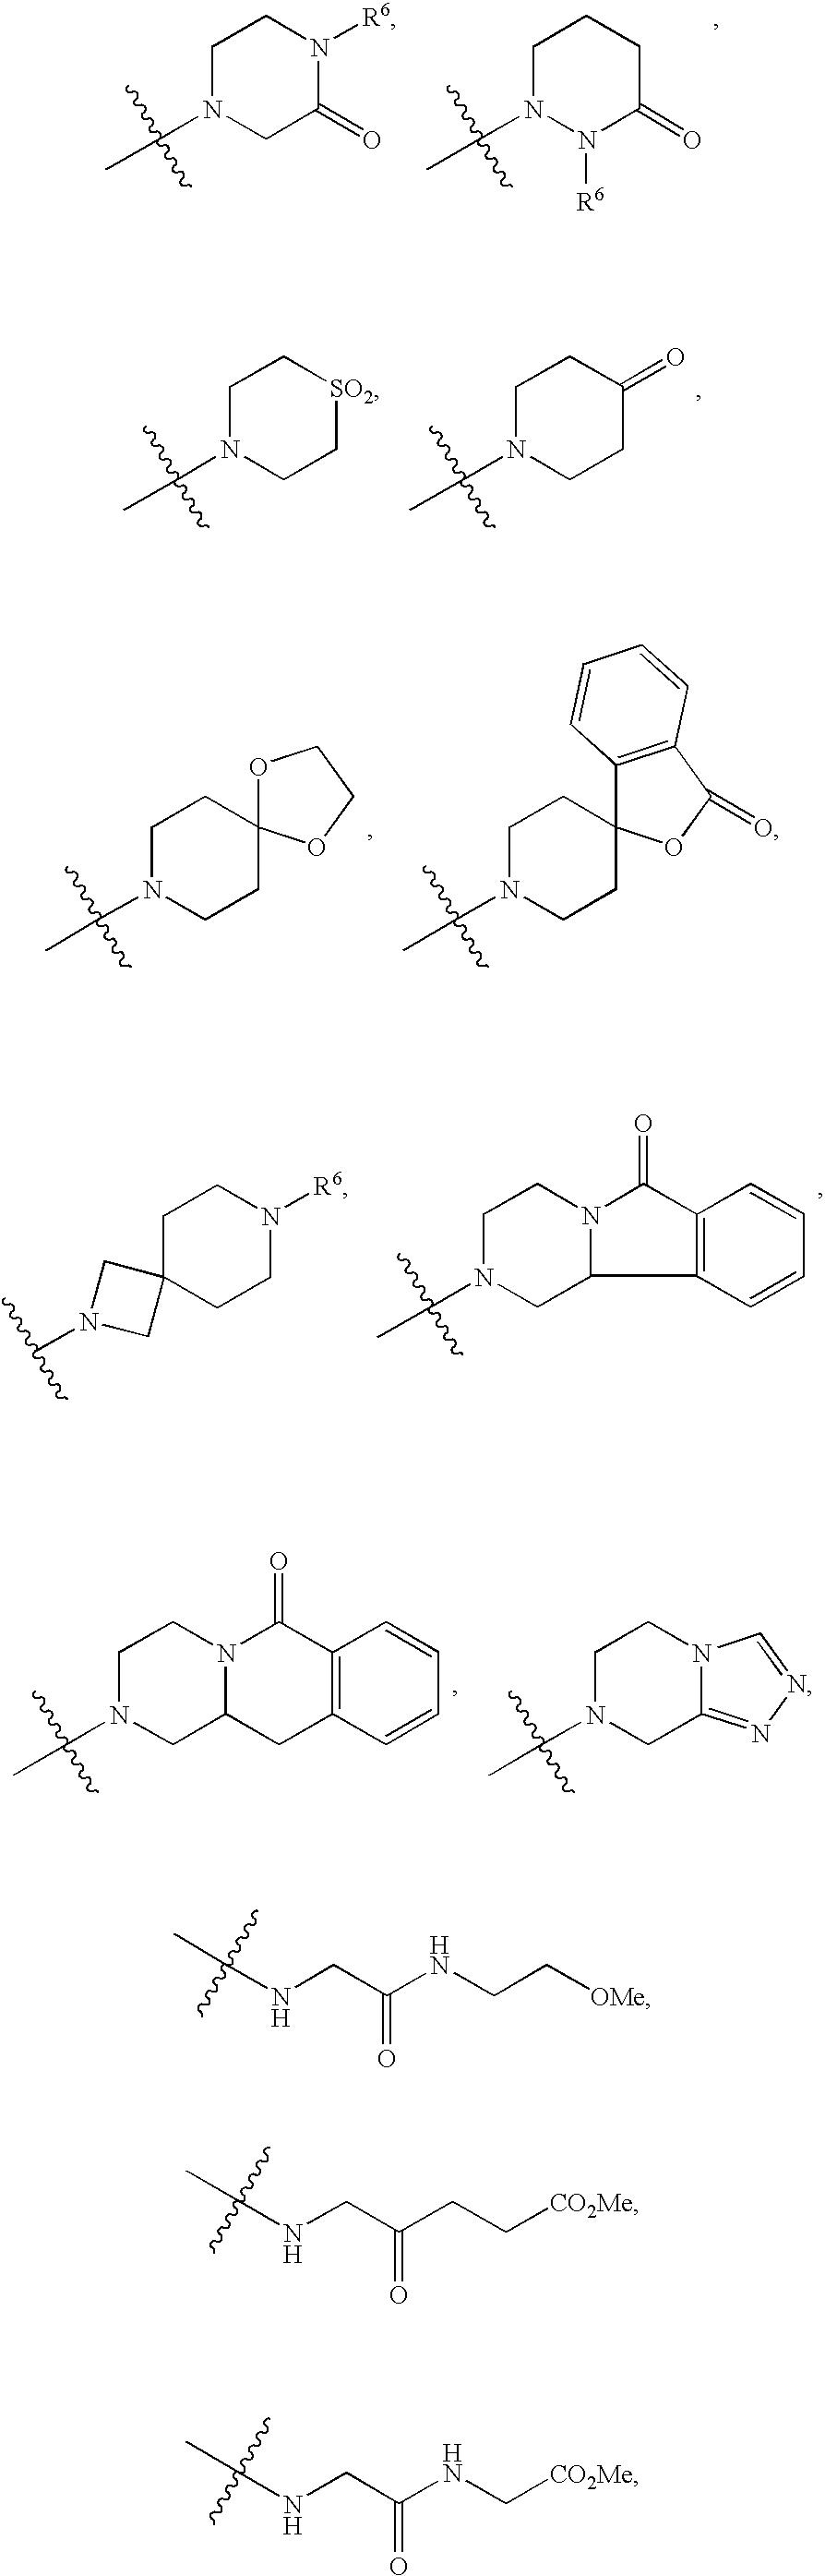 Figure US07473688-20090106-C00015